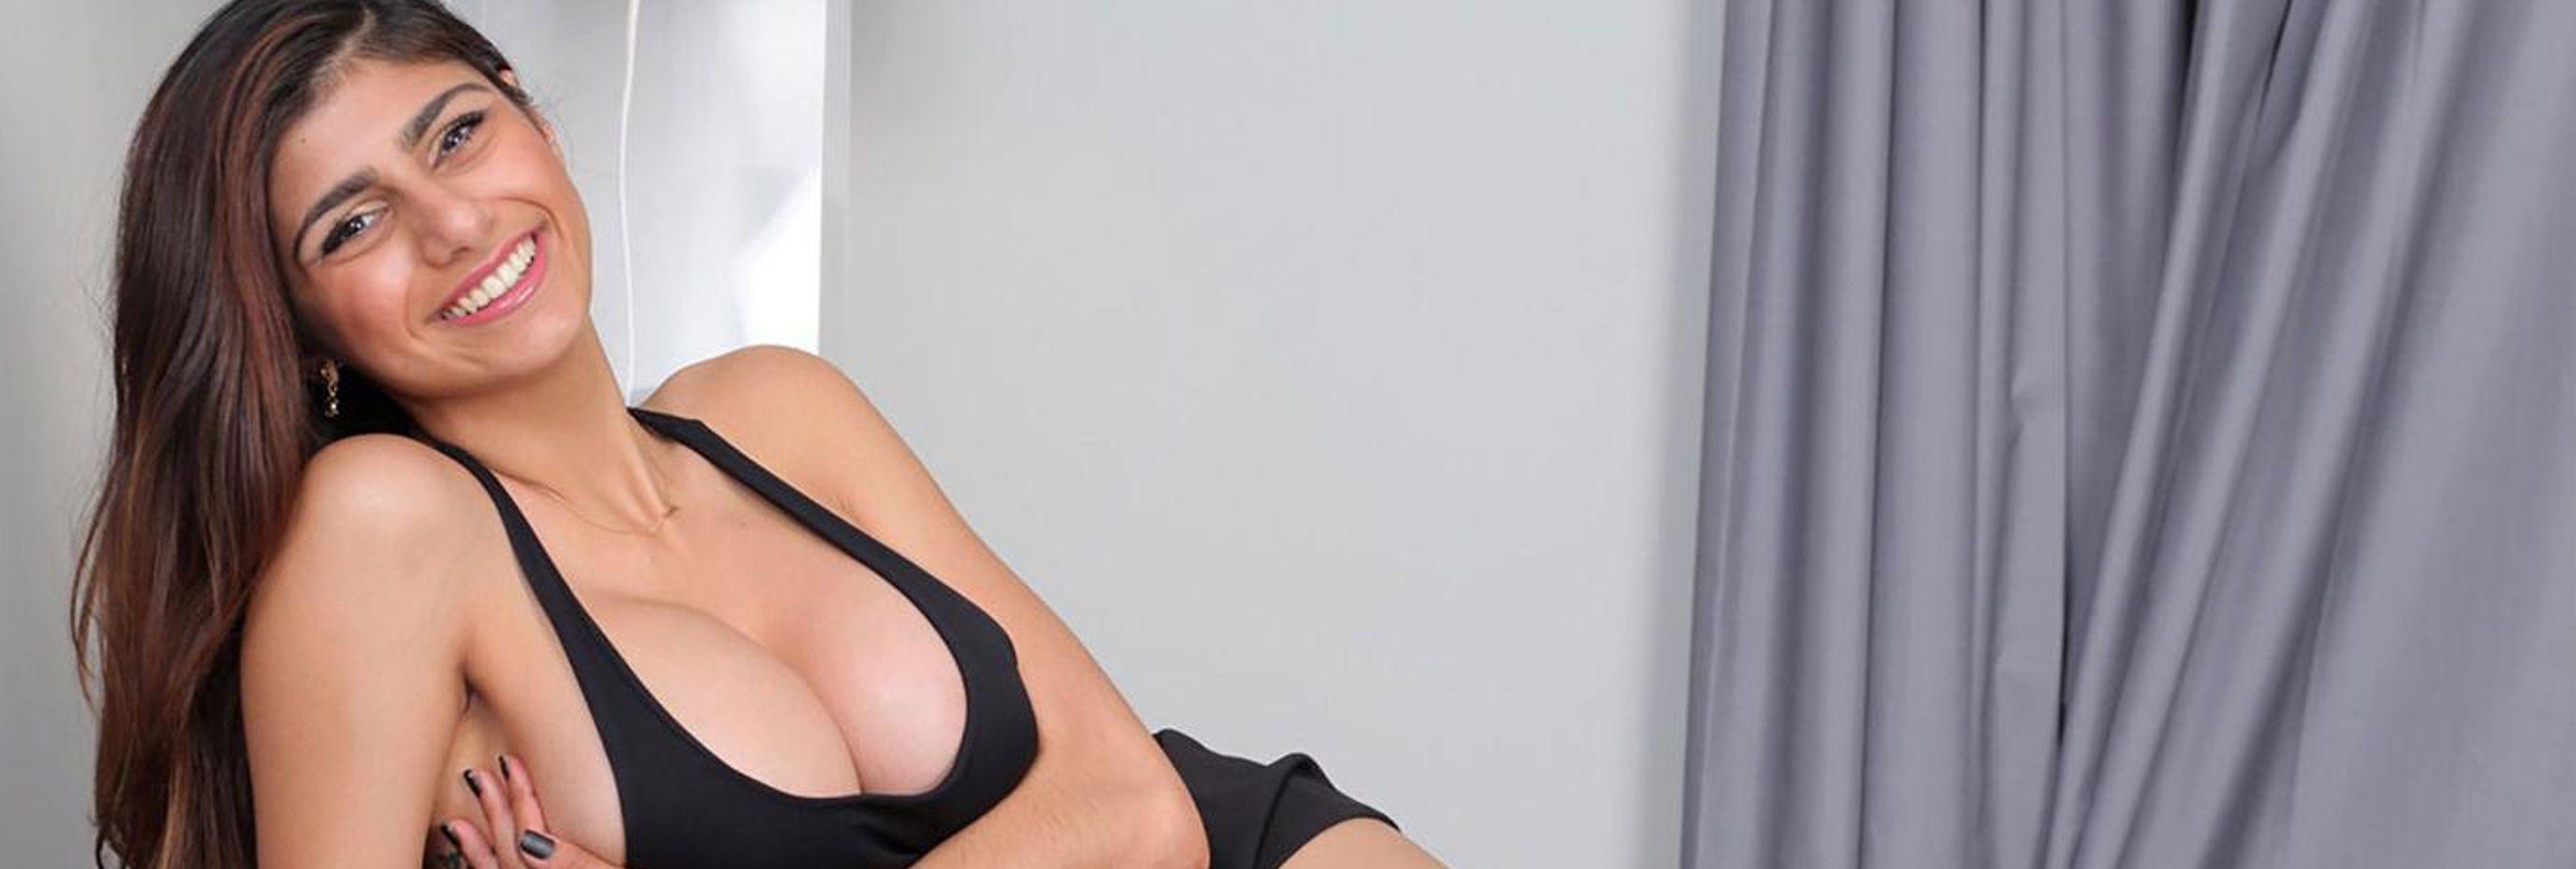 Mia Khalifa asegura que solo ganó 12.000 dólares en su carrera como actriz porno